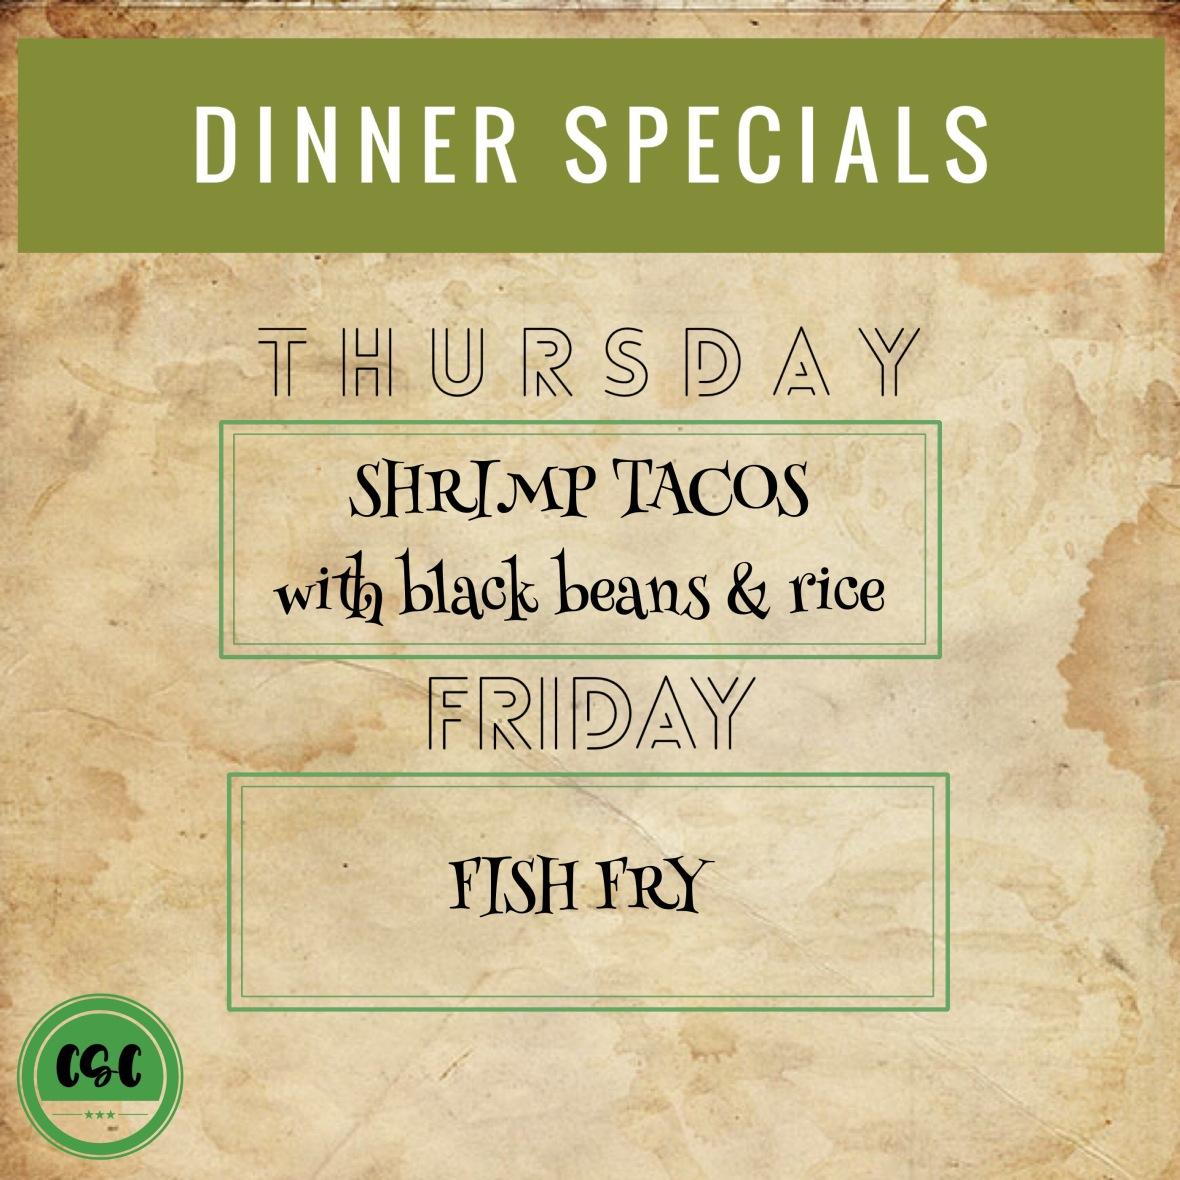 dinner specials nov 3